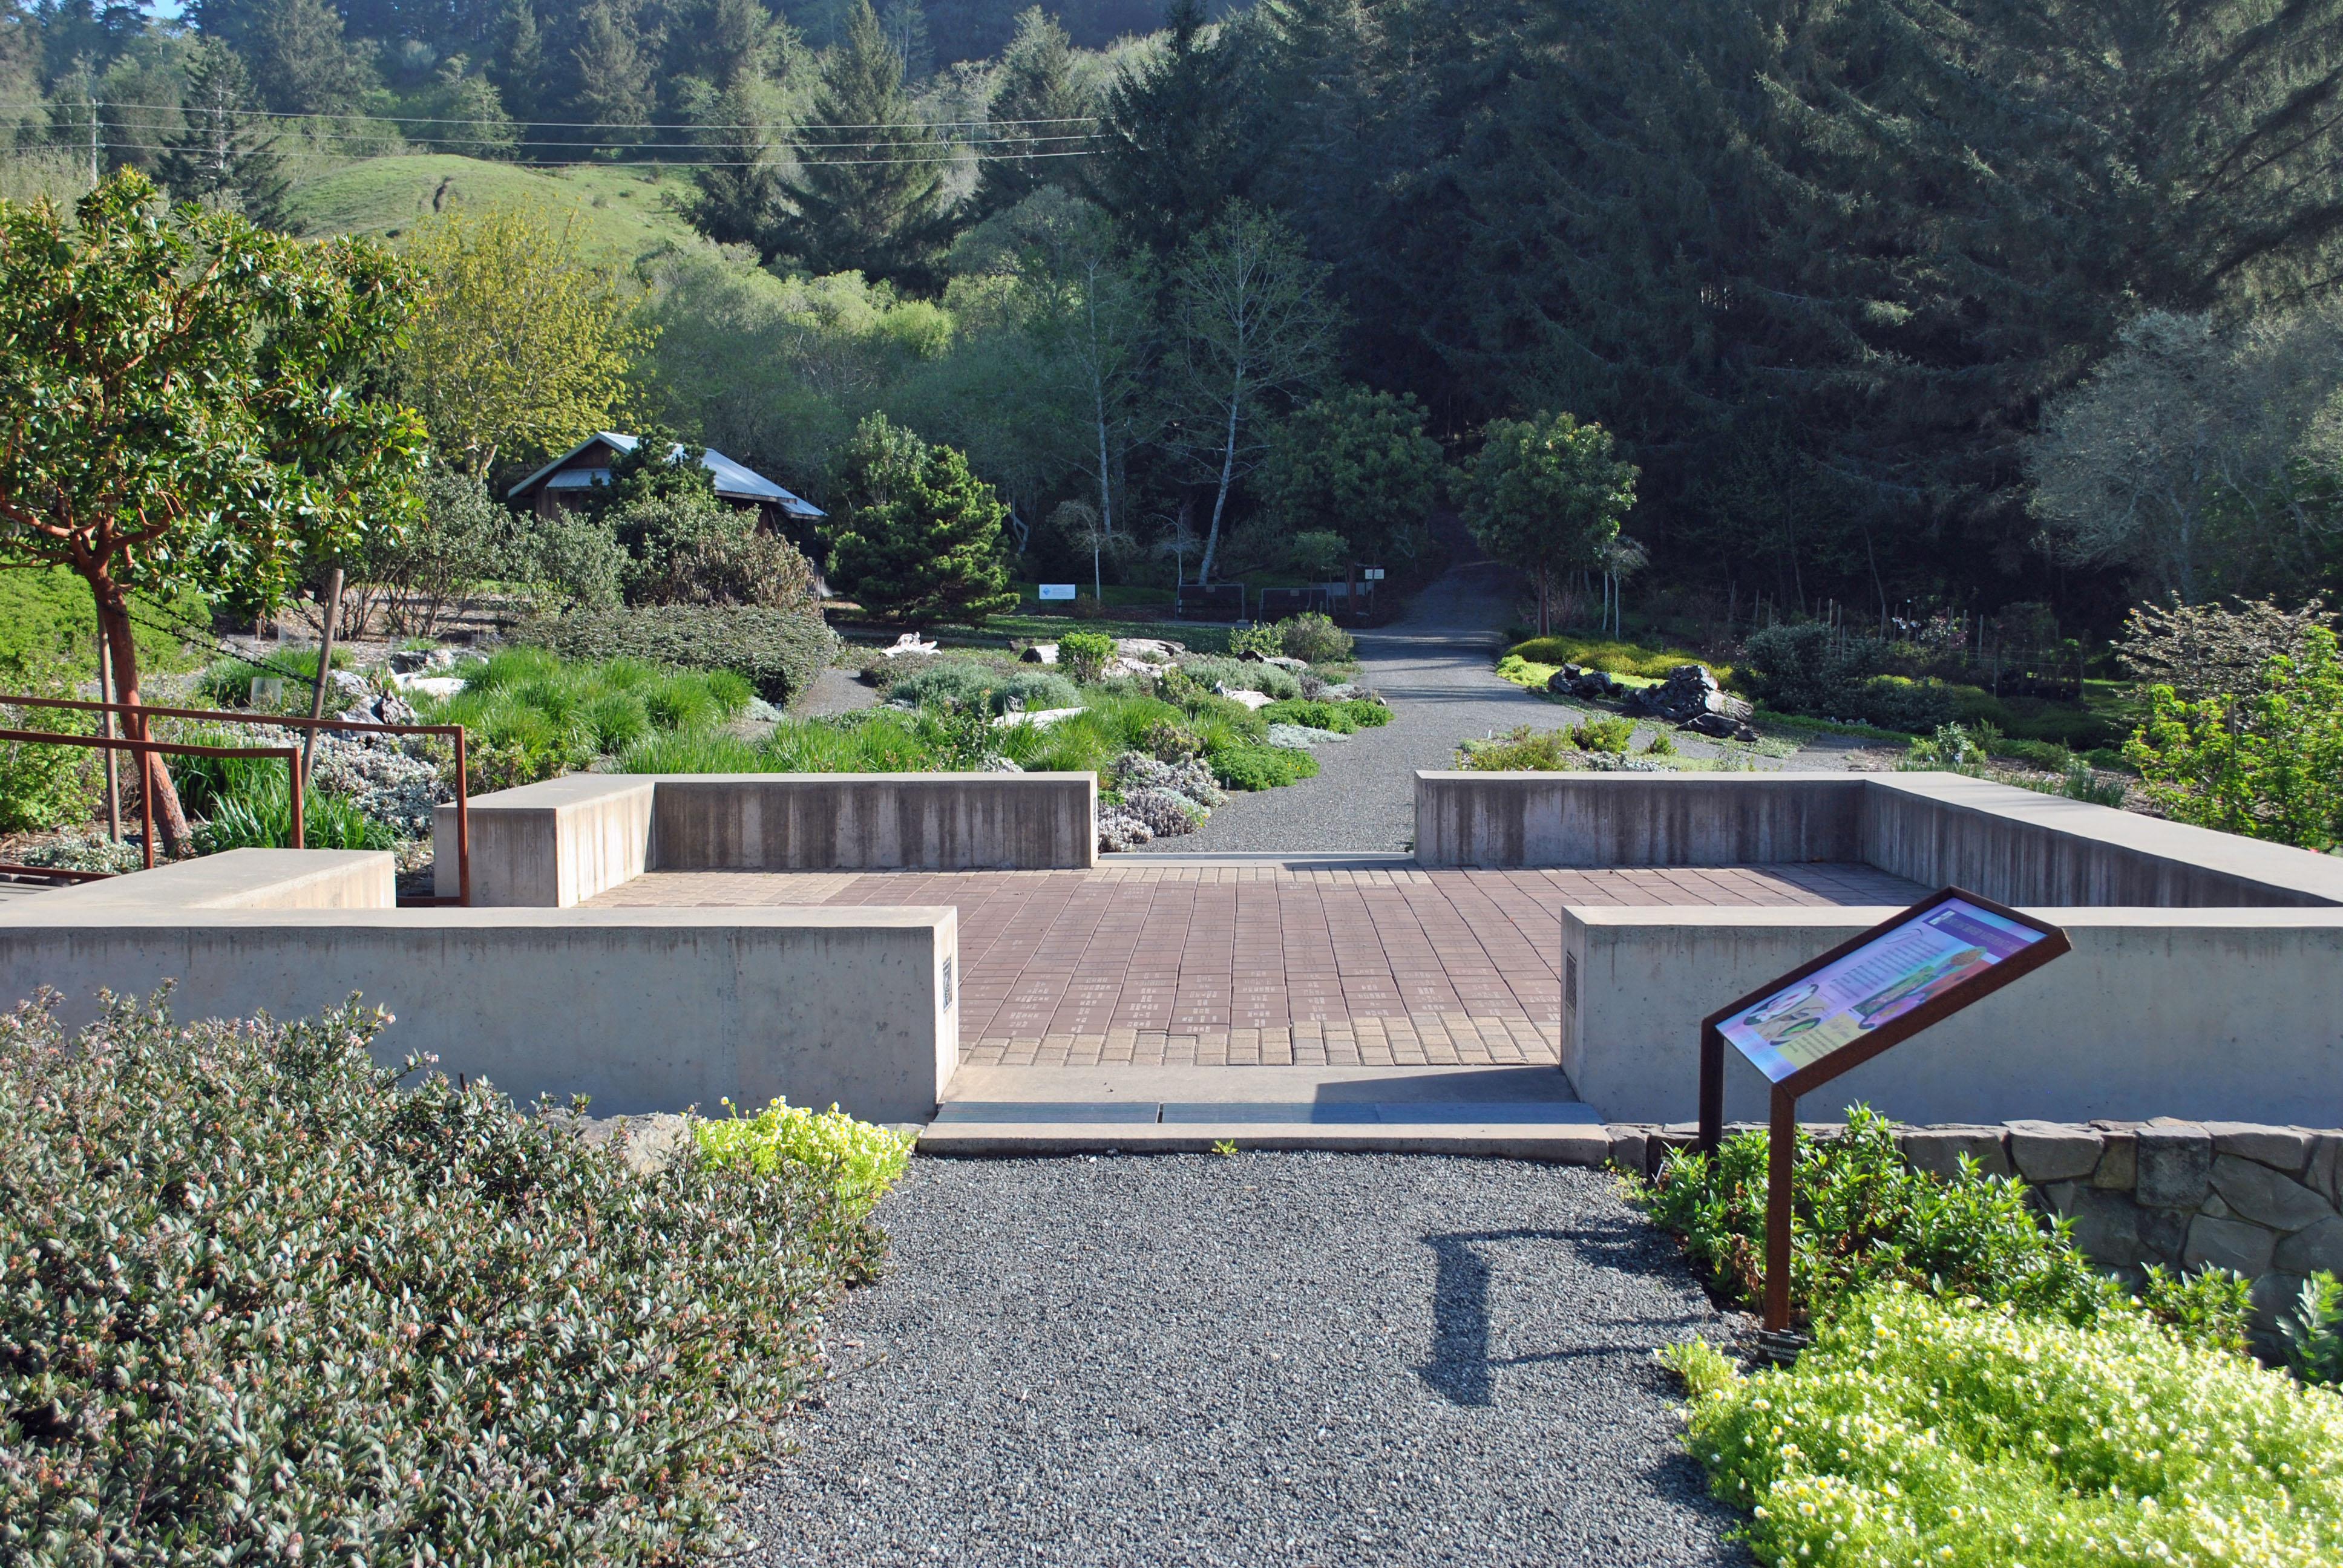 Garden Paver Plaza